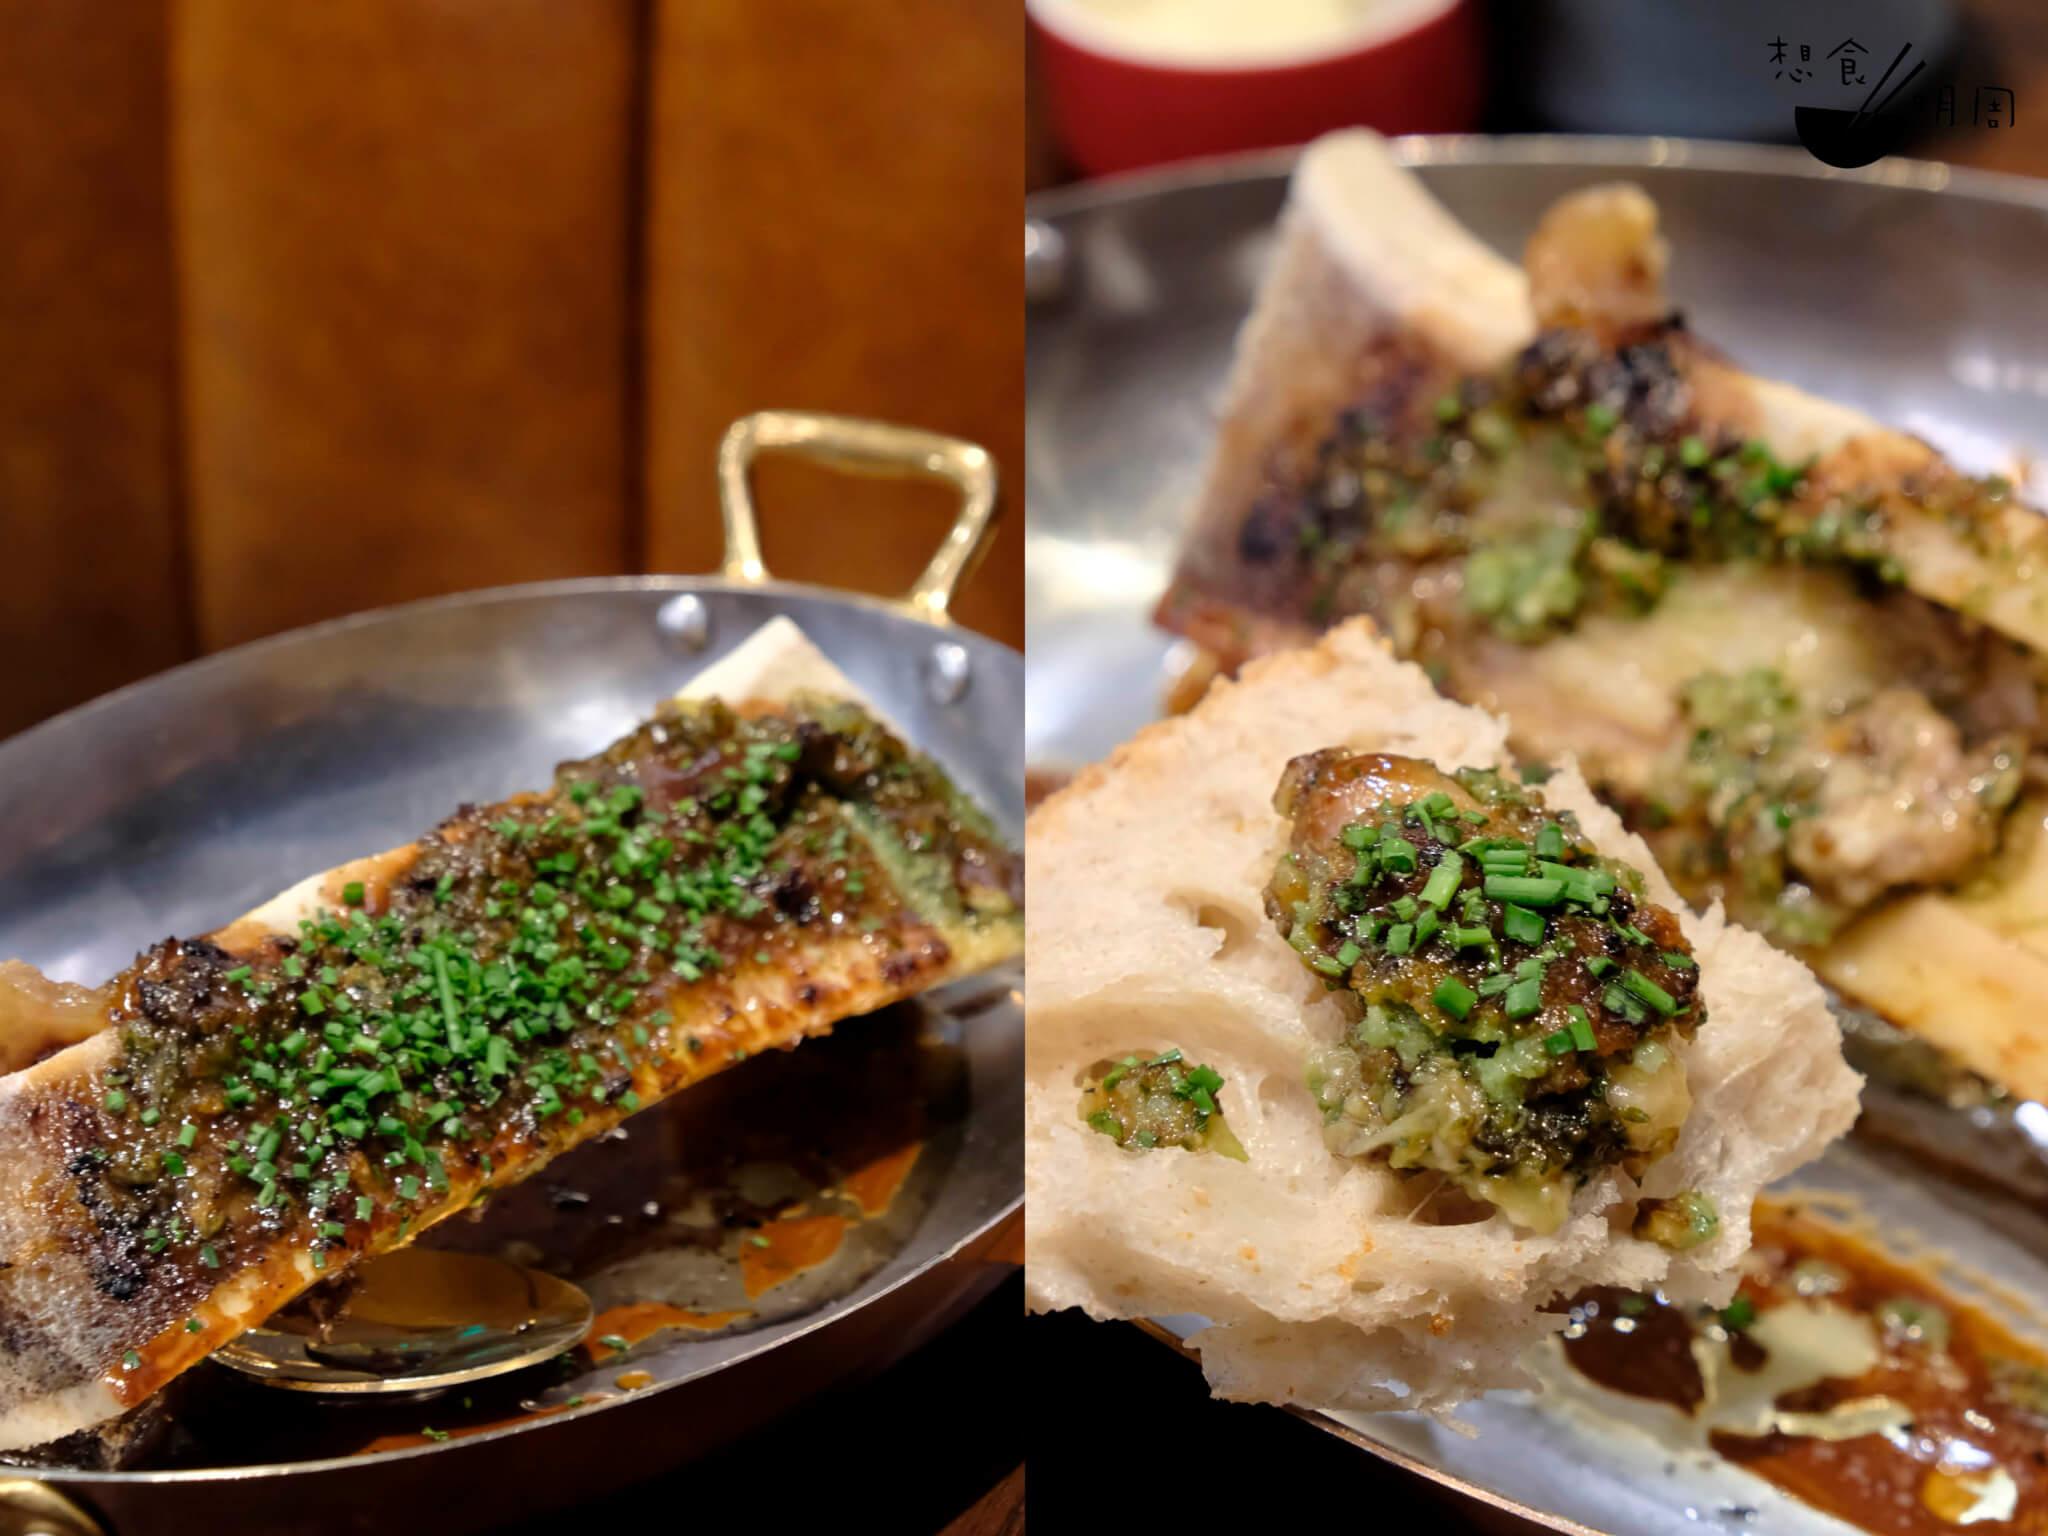 Os à moelle // 好地道卻又超邪惡的烤焗牛骨髓,第一口先淺嚐,第一勺就要放到麵包上配送入口。餐桌上的正是bakehouse出品的新鮮baguette。($98)